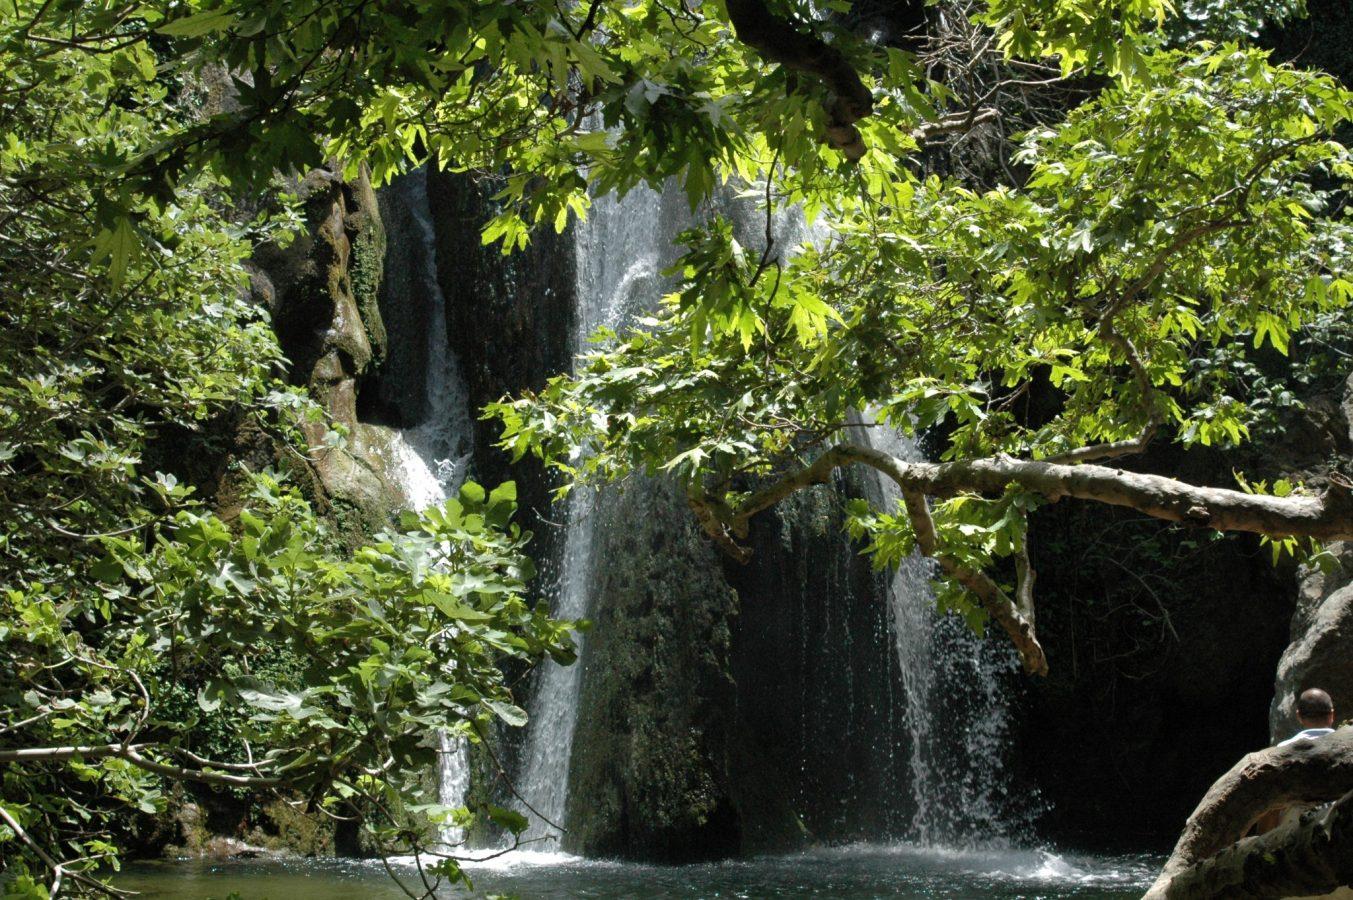 Richtis Falls in Lassithi